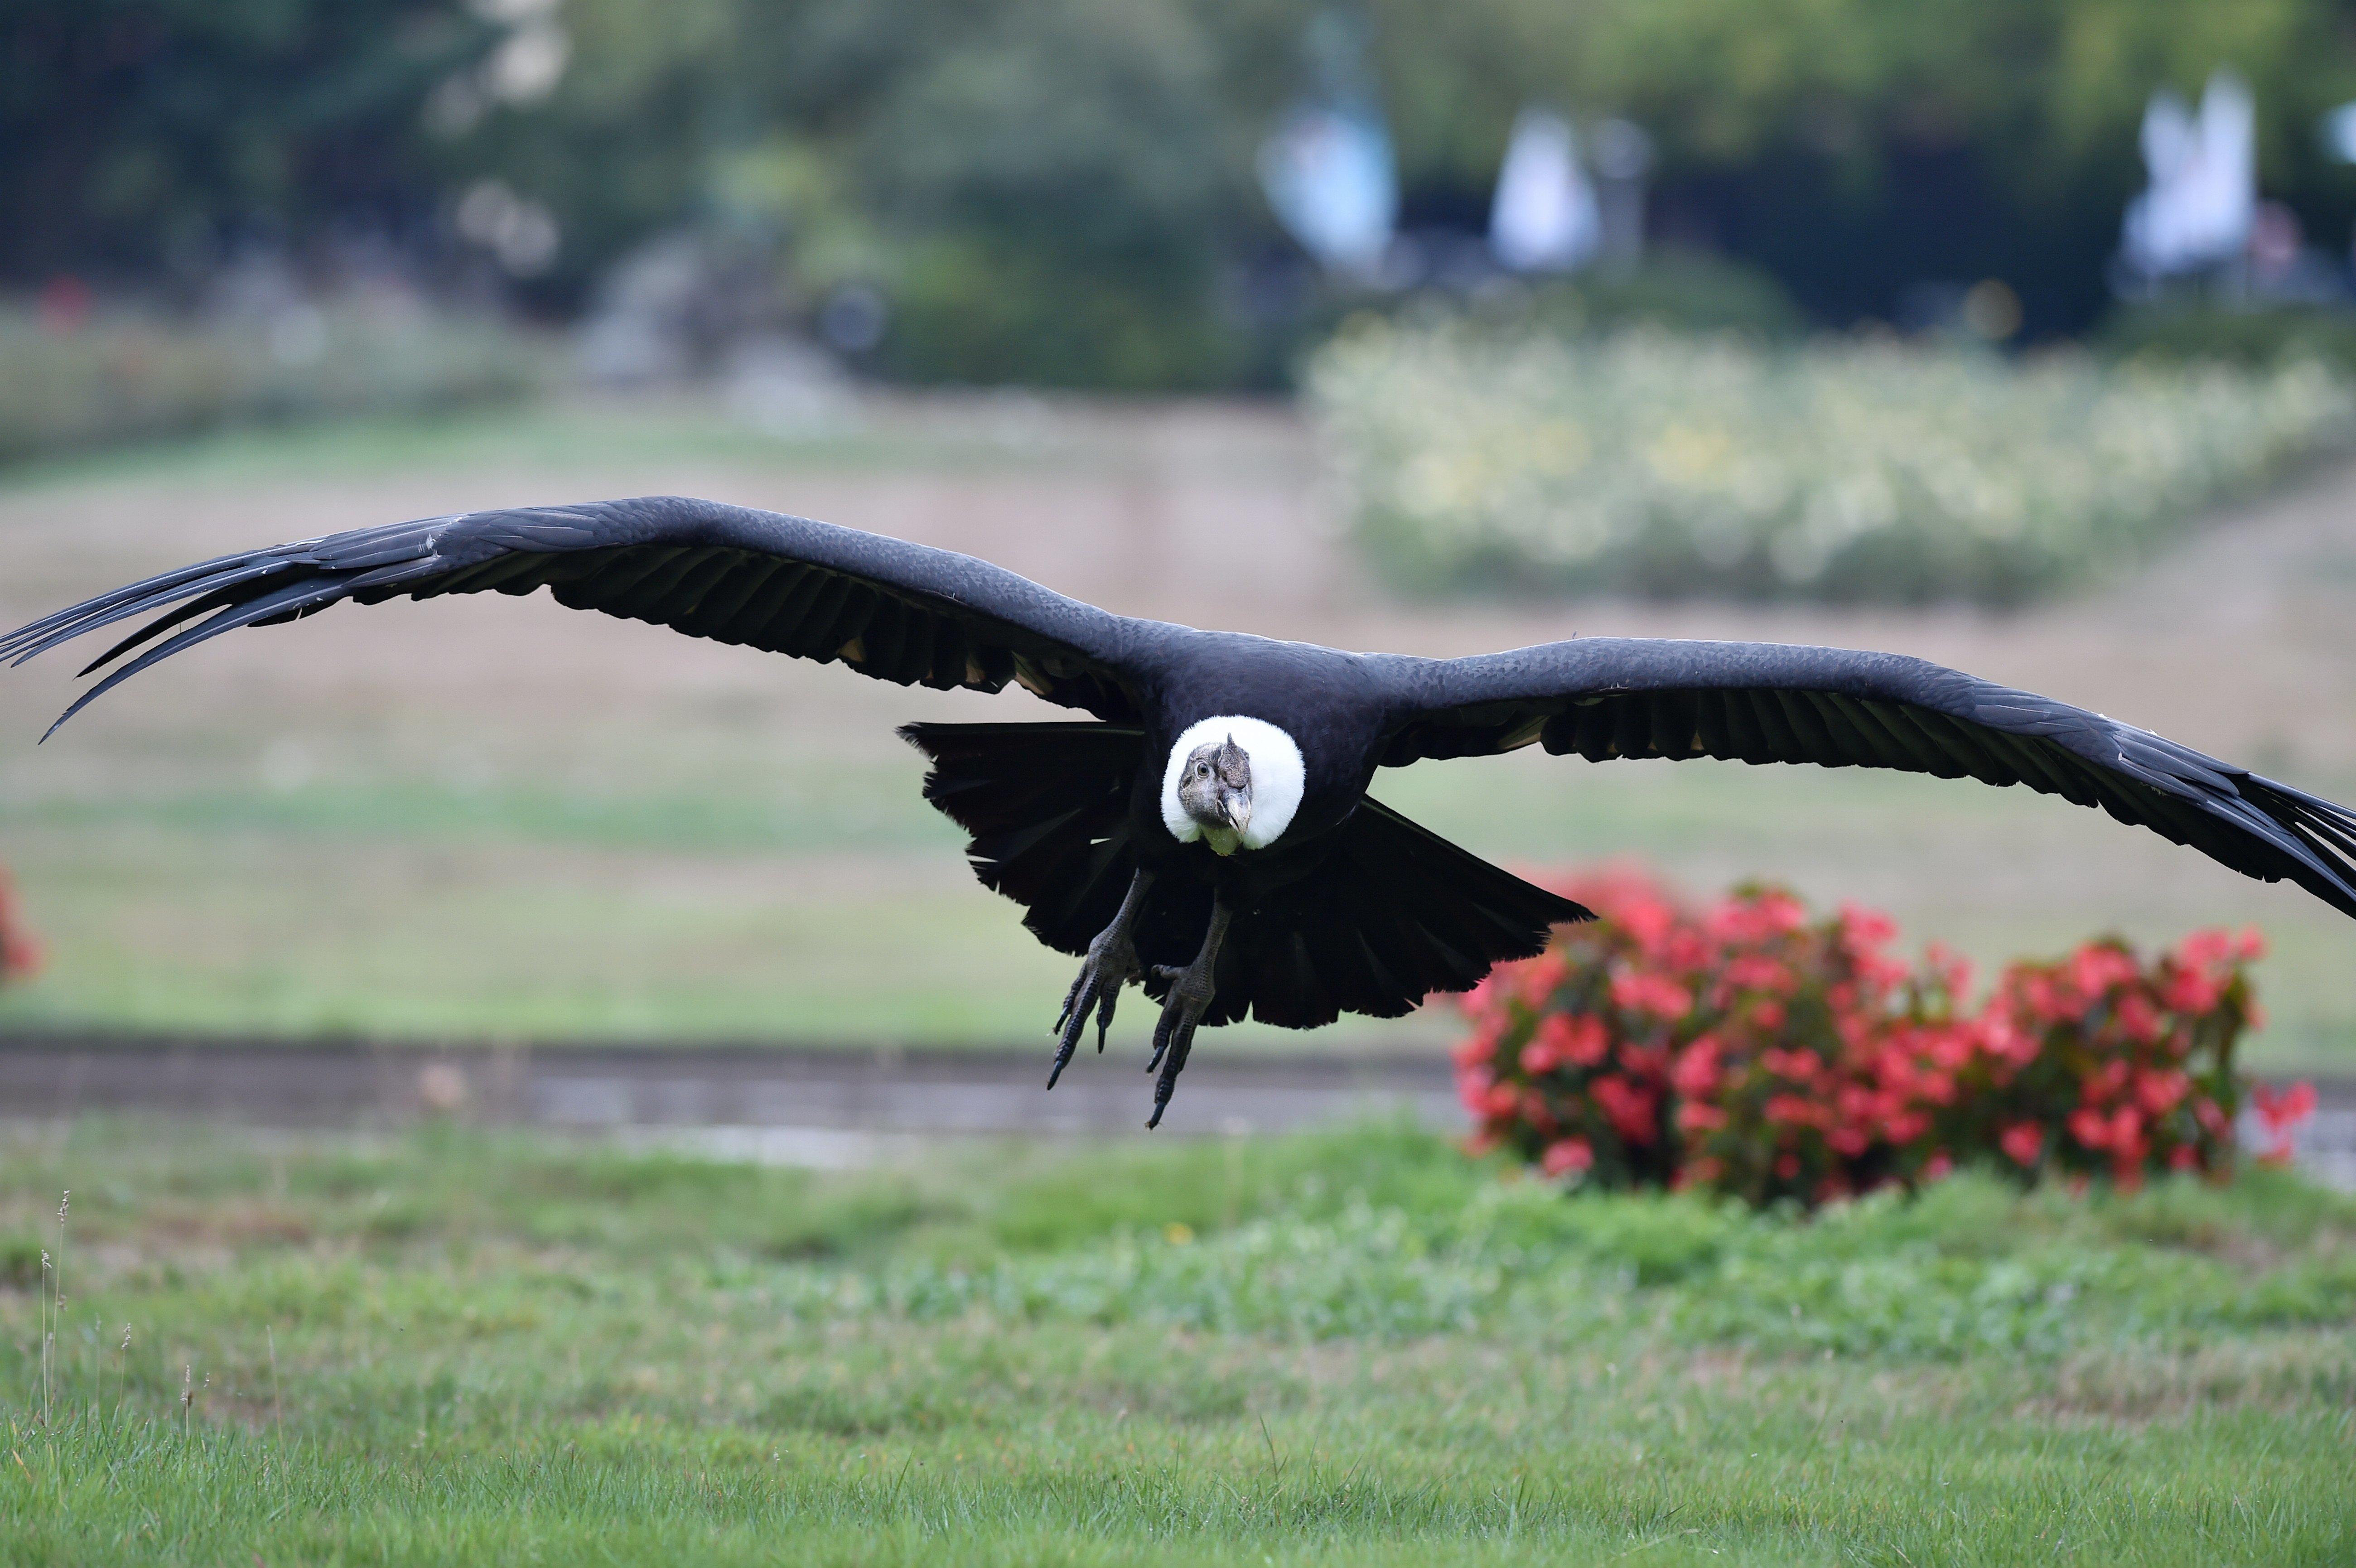 Szárnycsapás nélkül tud 172 kilométert repülni az Andoki kondor